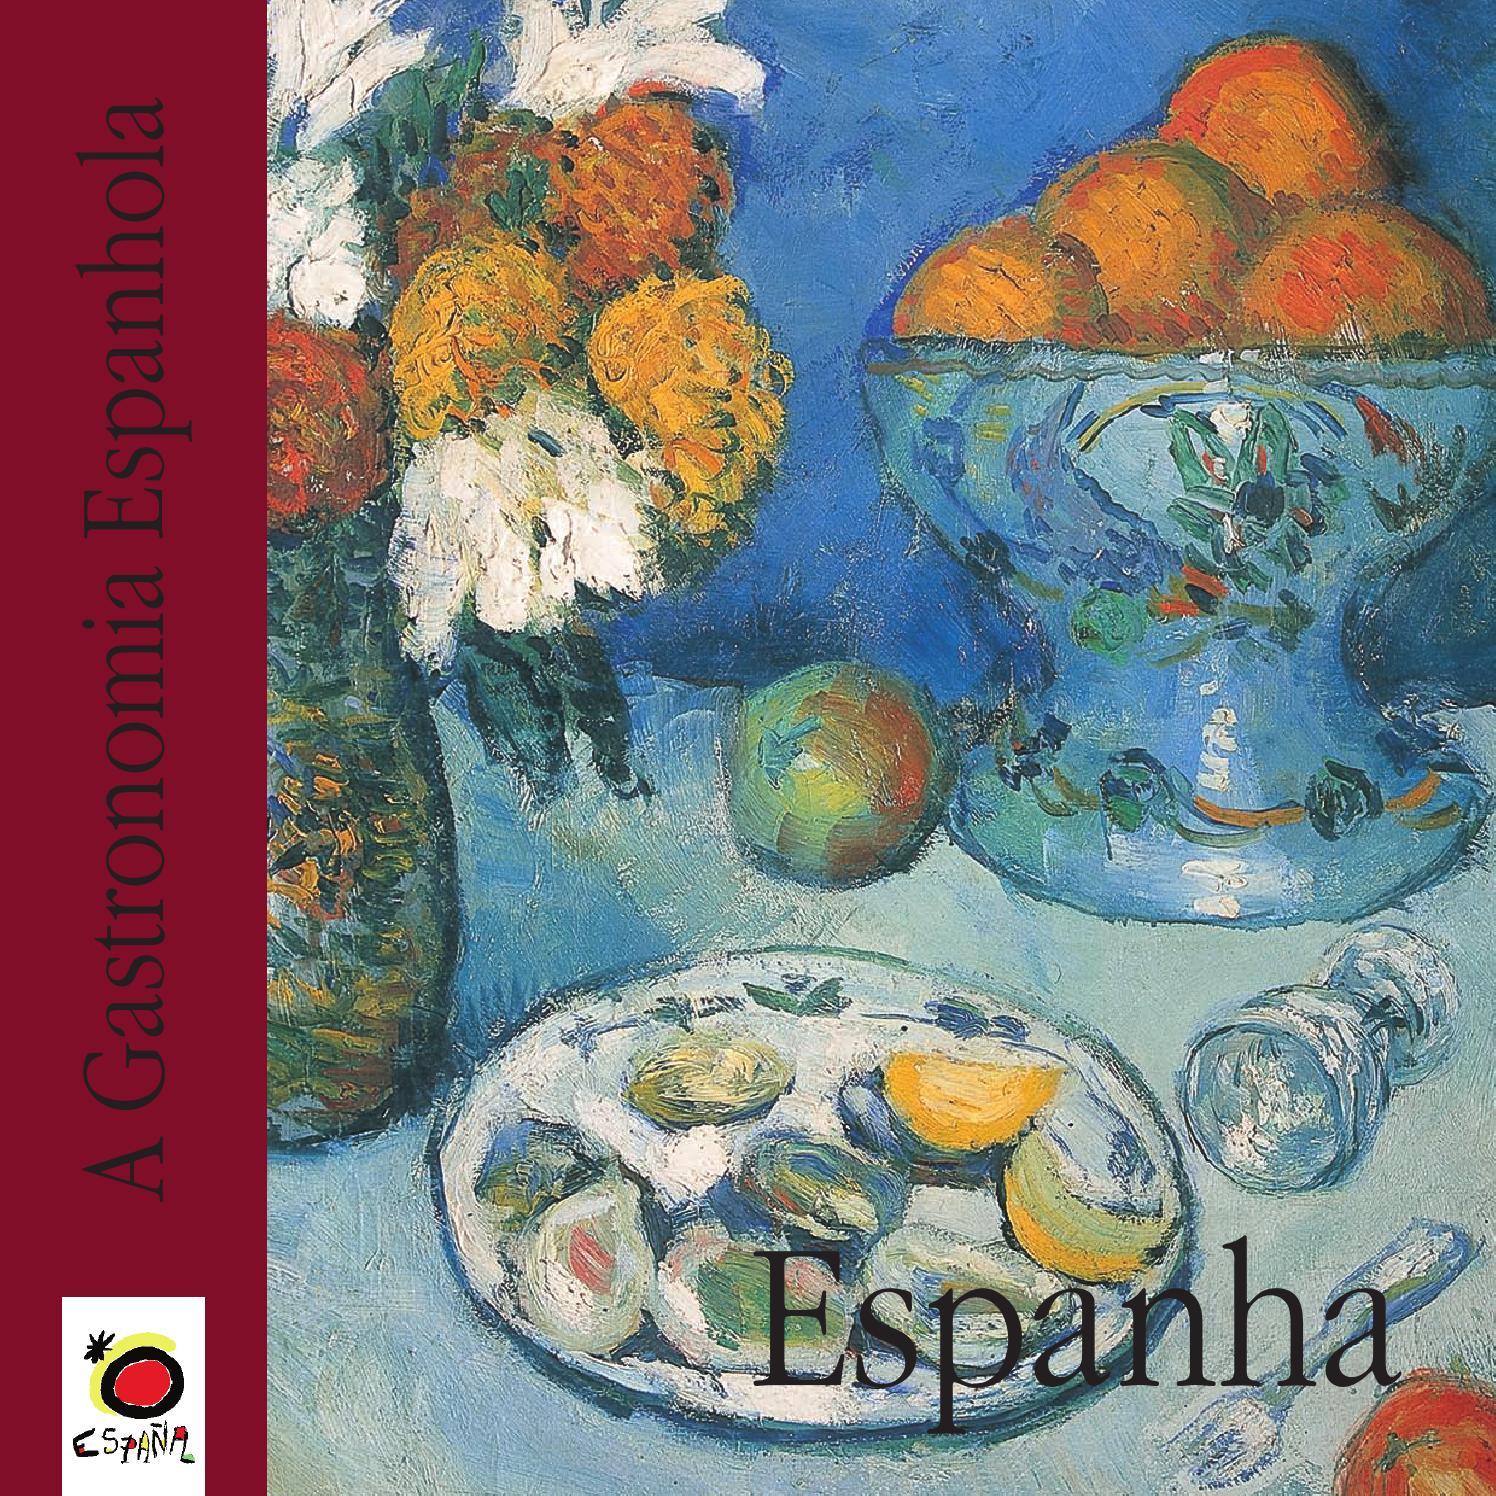 Encontrar Um Companheiro Vegetariana Santcruz De Tenerife-1568